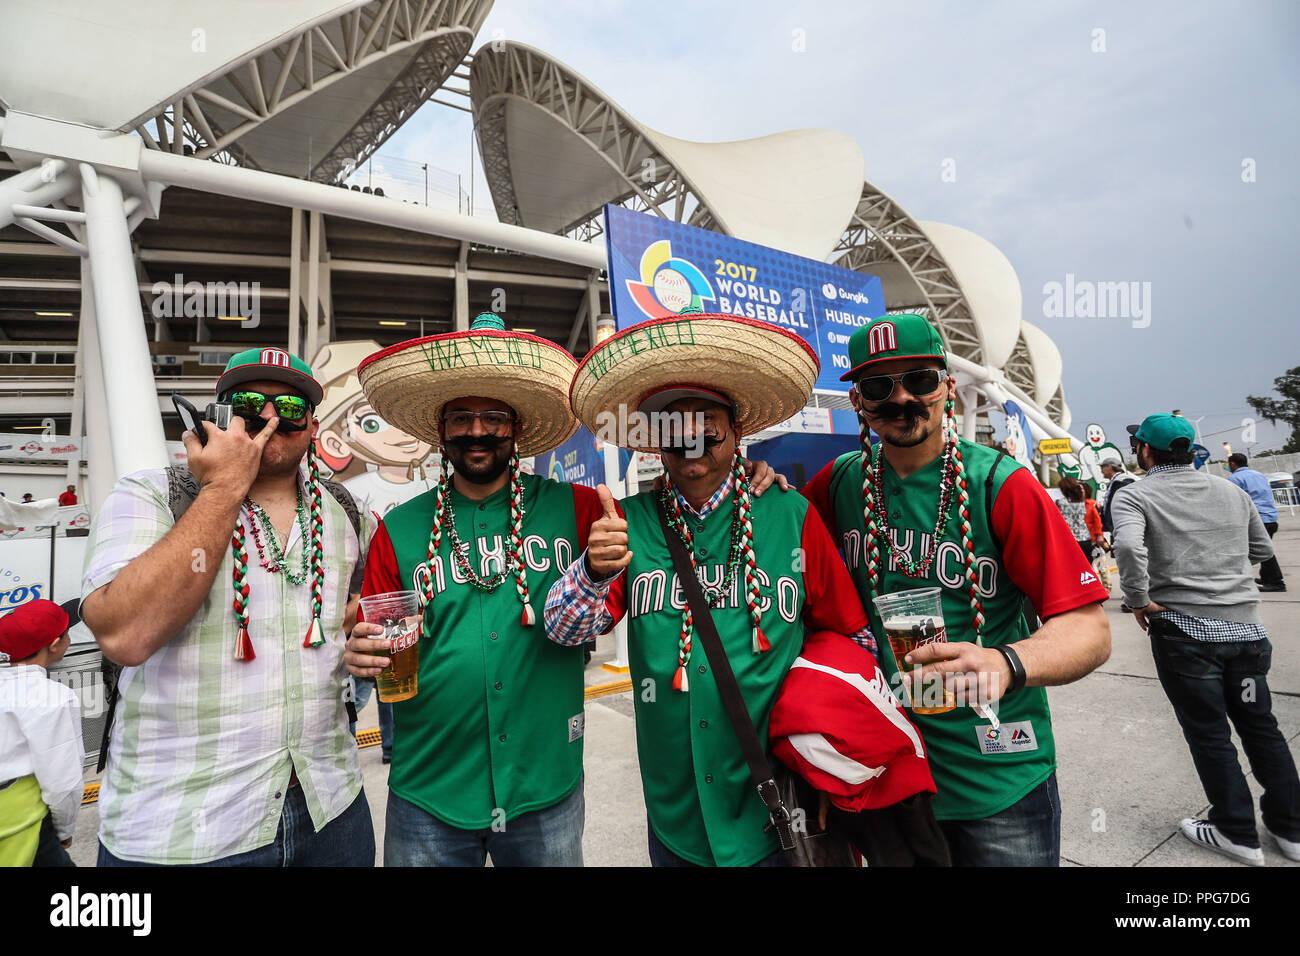 Fanáticos del Beisbol disfrazados con sombreros de Charros y jersey de Mexico en la fachada del Estadio Olimpico Panamericano o Estadio Charros de Jal - Stock Image